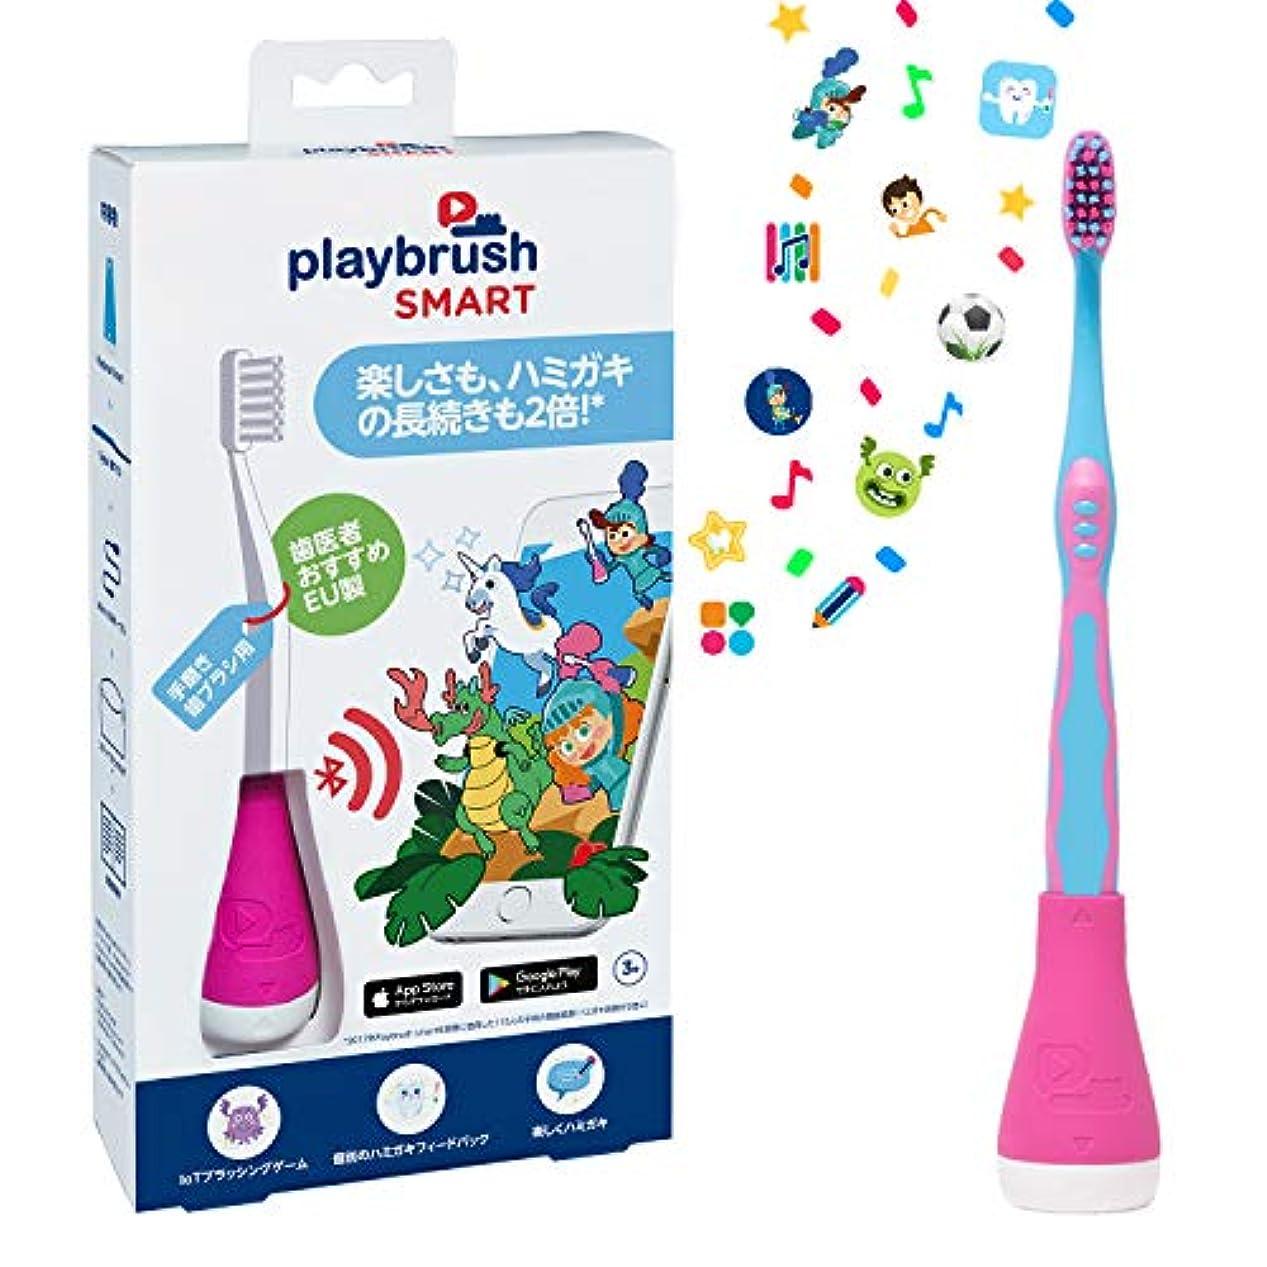 とらえどころのないメジャーガソリン【ヨーロッパ製 アプリで正しいハミガキを身につけられる子供用 知育歯ブラシ】プレイブラッシュ スマート ピンク◇ 普段の歯ブラシに取り付けるだけ◇ Playbrush Smart Pink